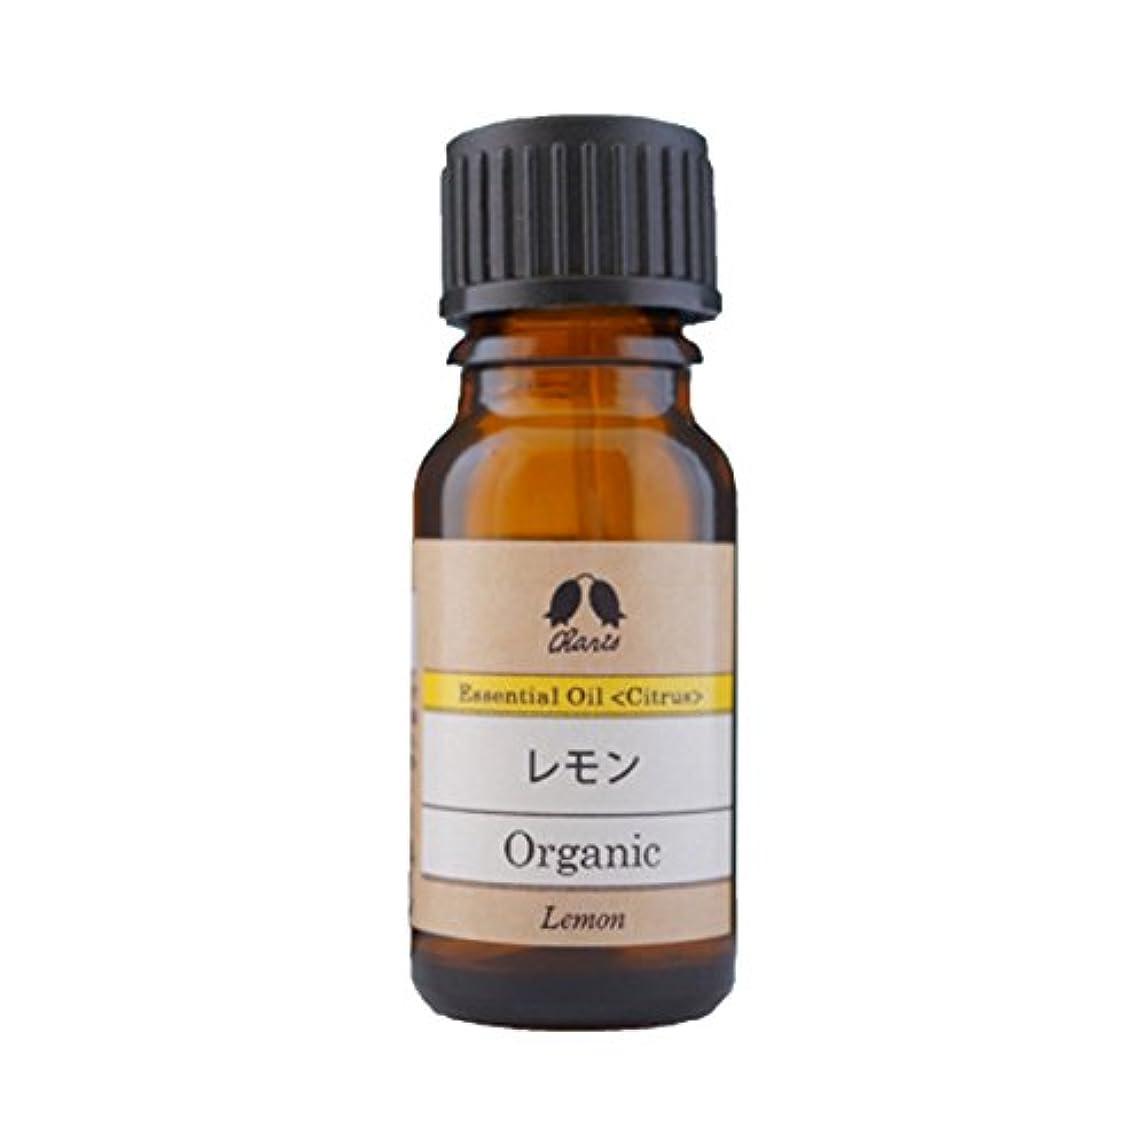 接地元のパテカリス エッセンシャルオイル レモン オーガニック オイル 10ml